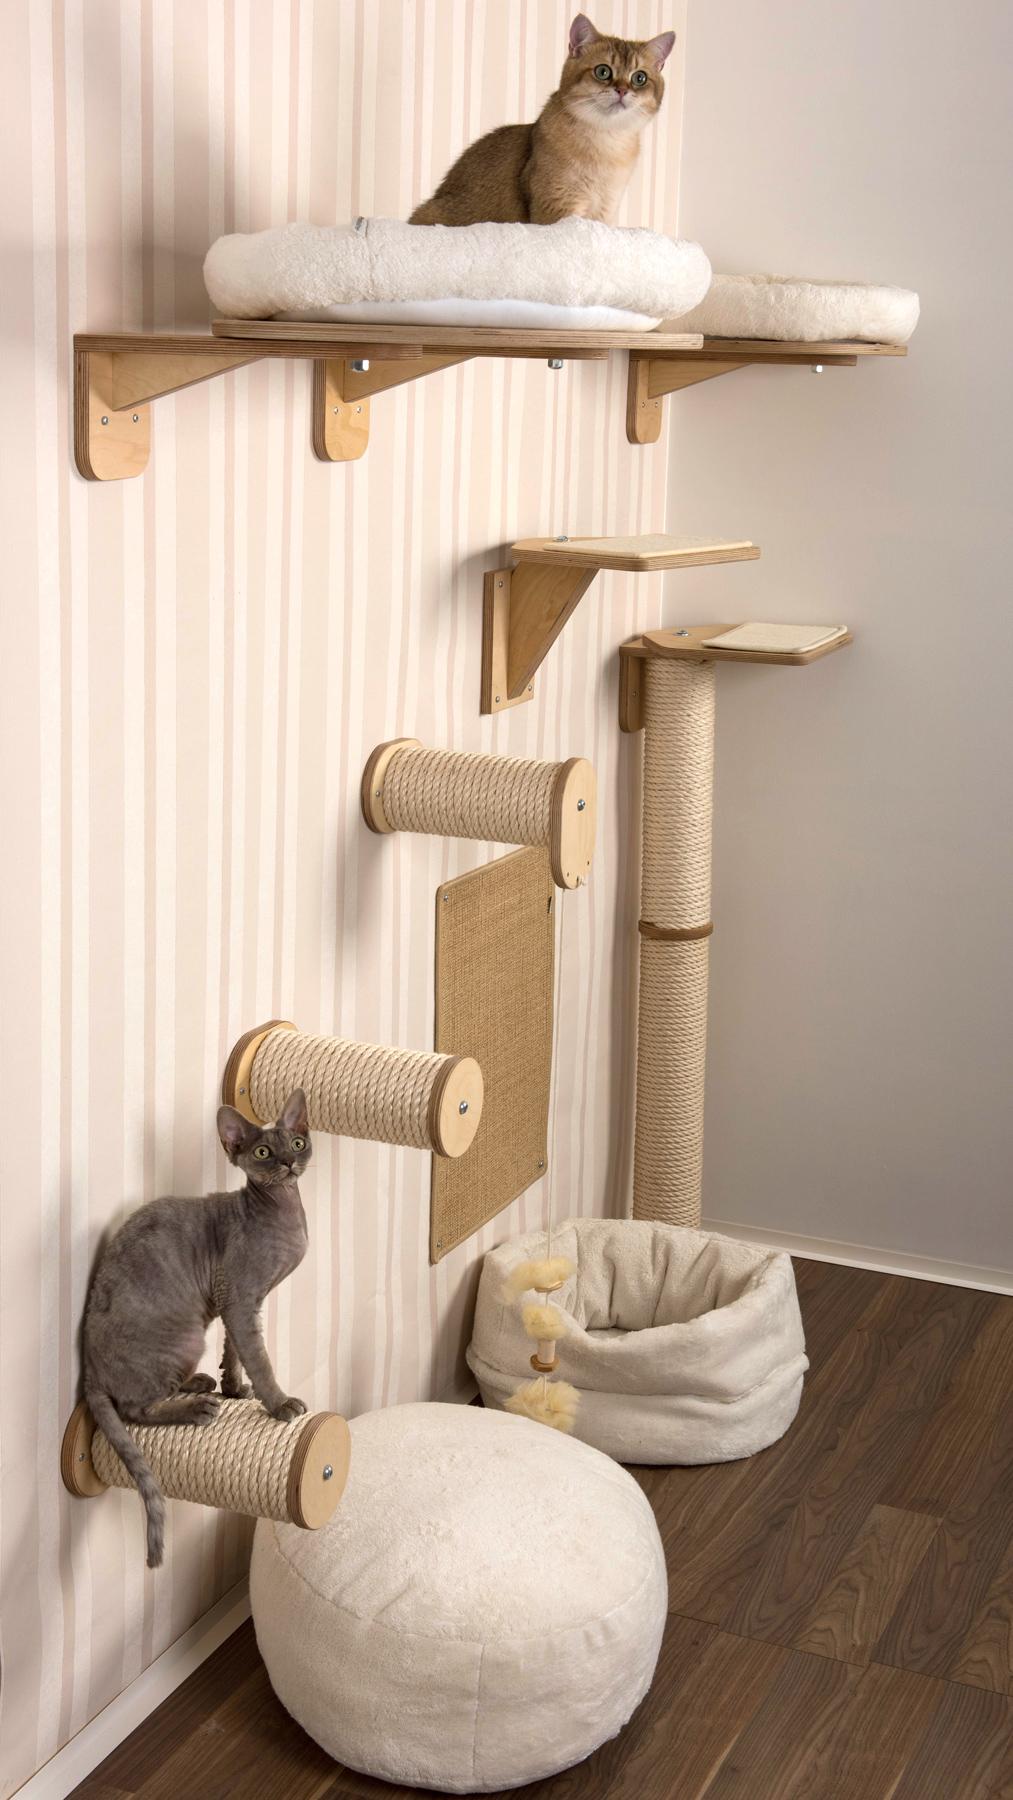 Квартирные идеи для кошек фото 10